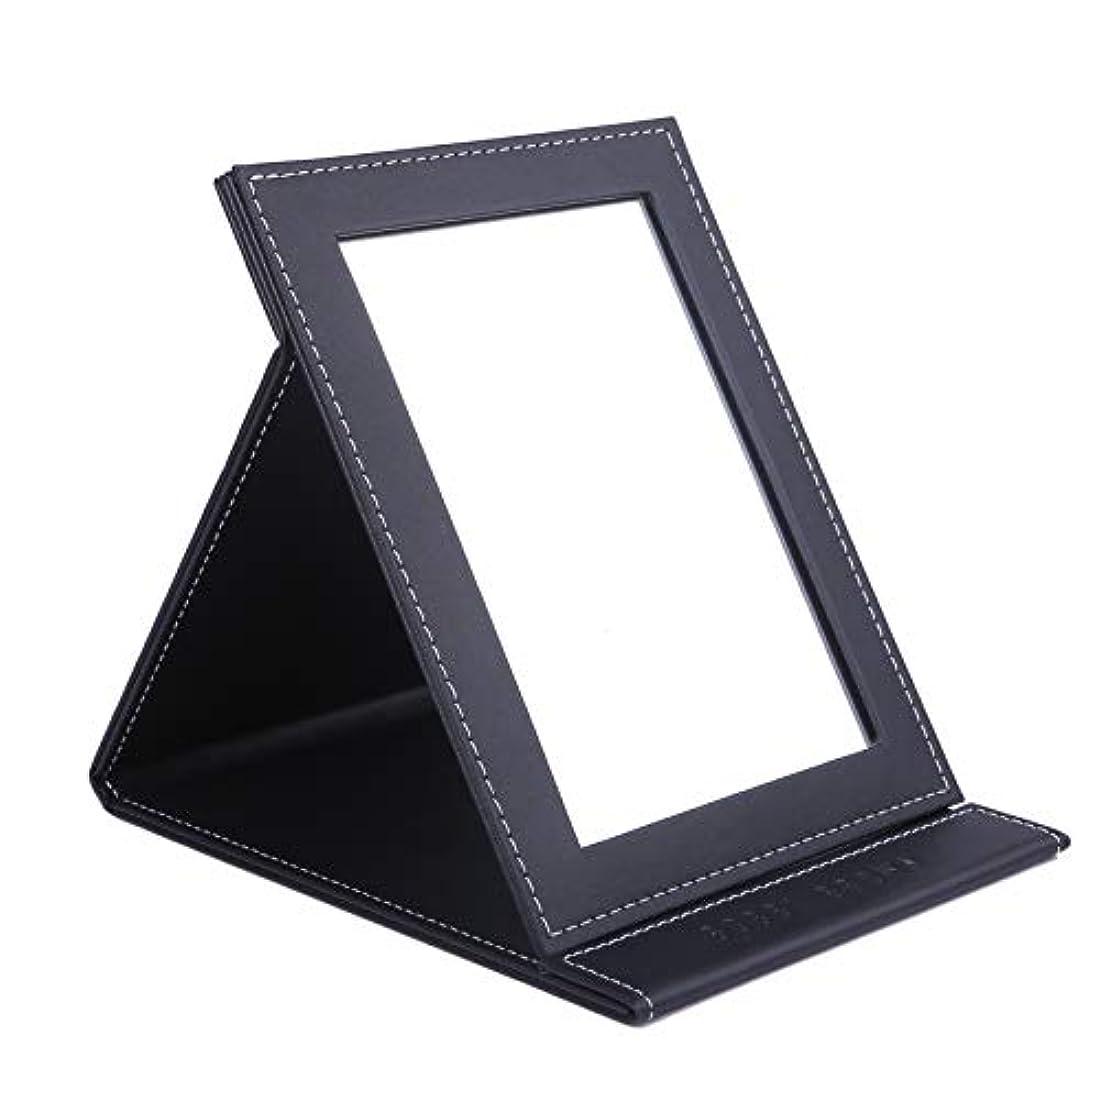 緩やかなブレスジョットディボンドン[スプレンノ] 折立ミラー 卓上ミラー 折り畳みミラー 折りたたみ式 化粧鏡 レザー仕上げ (L)